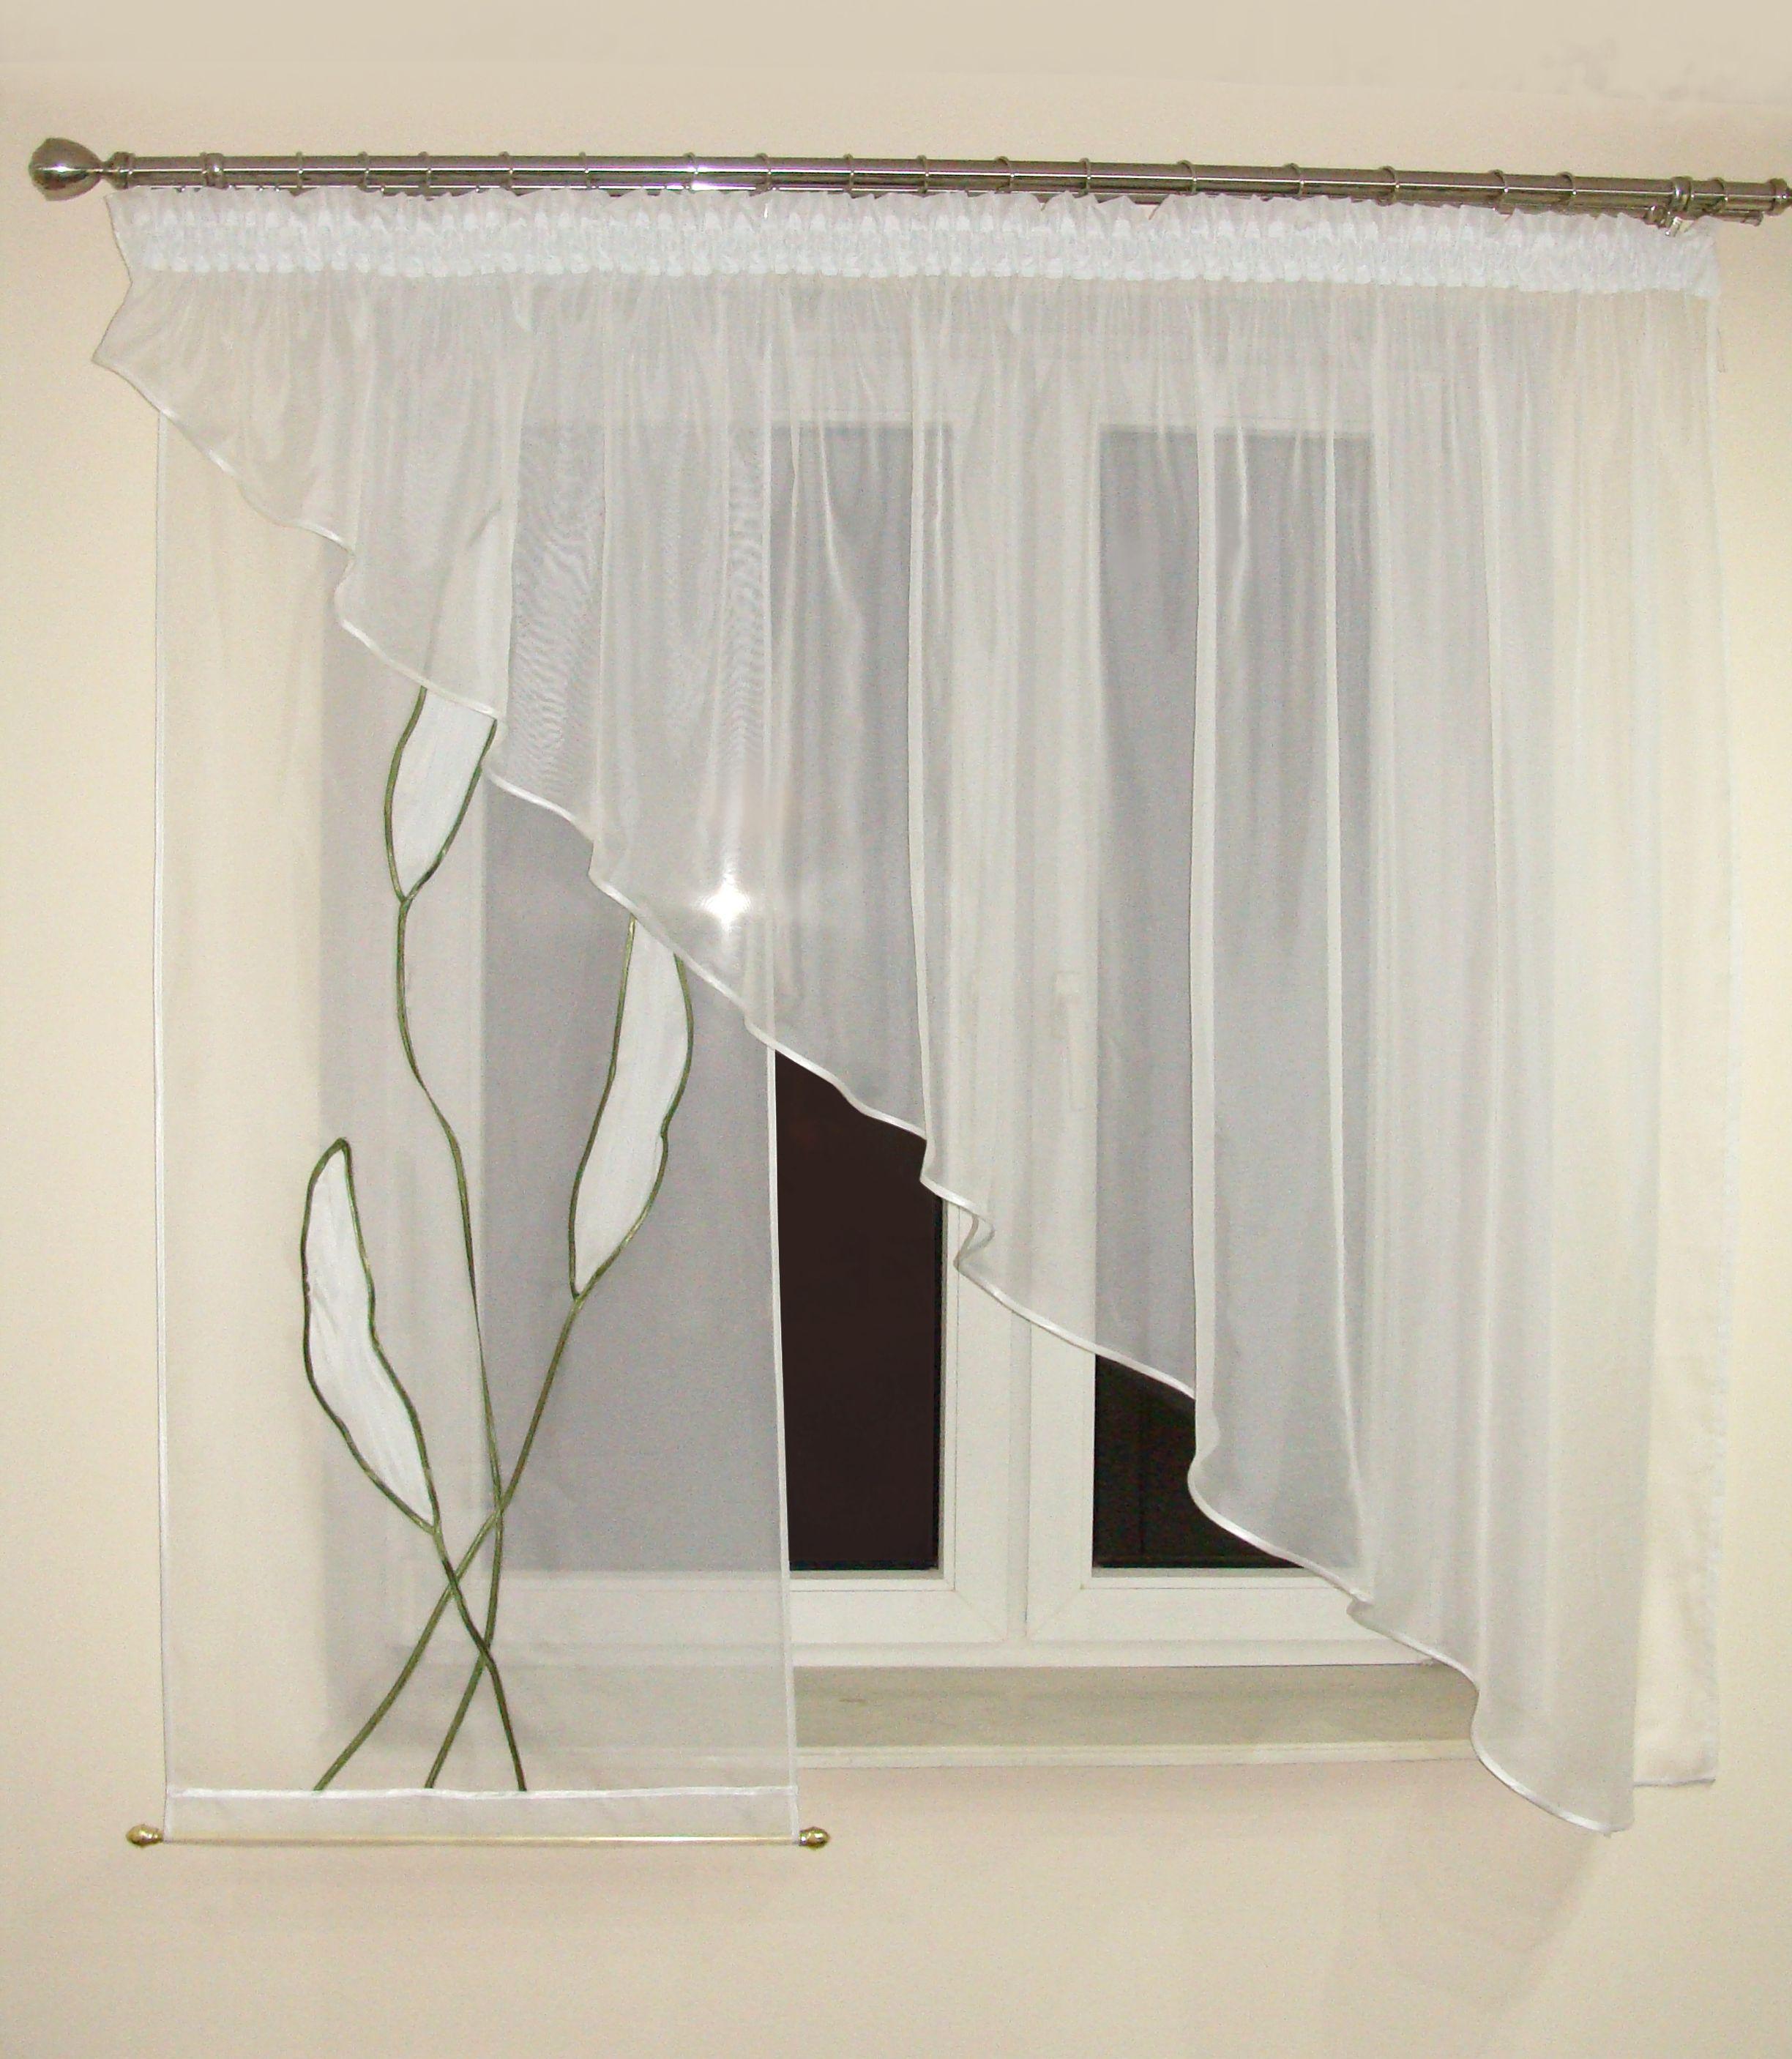 zestaw pn cza i firany pinterest gardinen vorh nge und fensterdekorationen. Black Bedroom Furniture Sets. Home Design Ideas